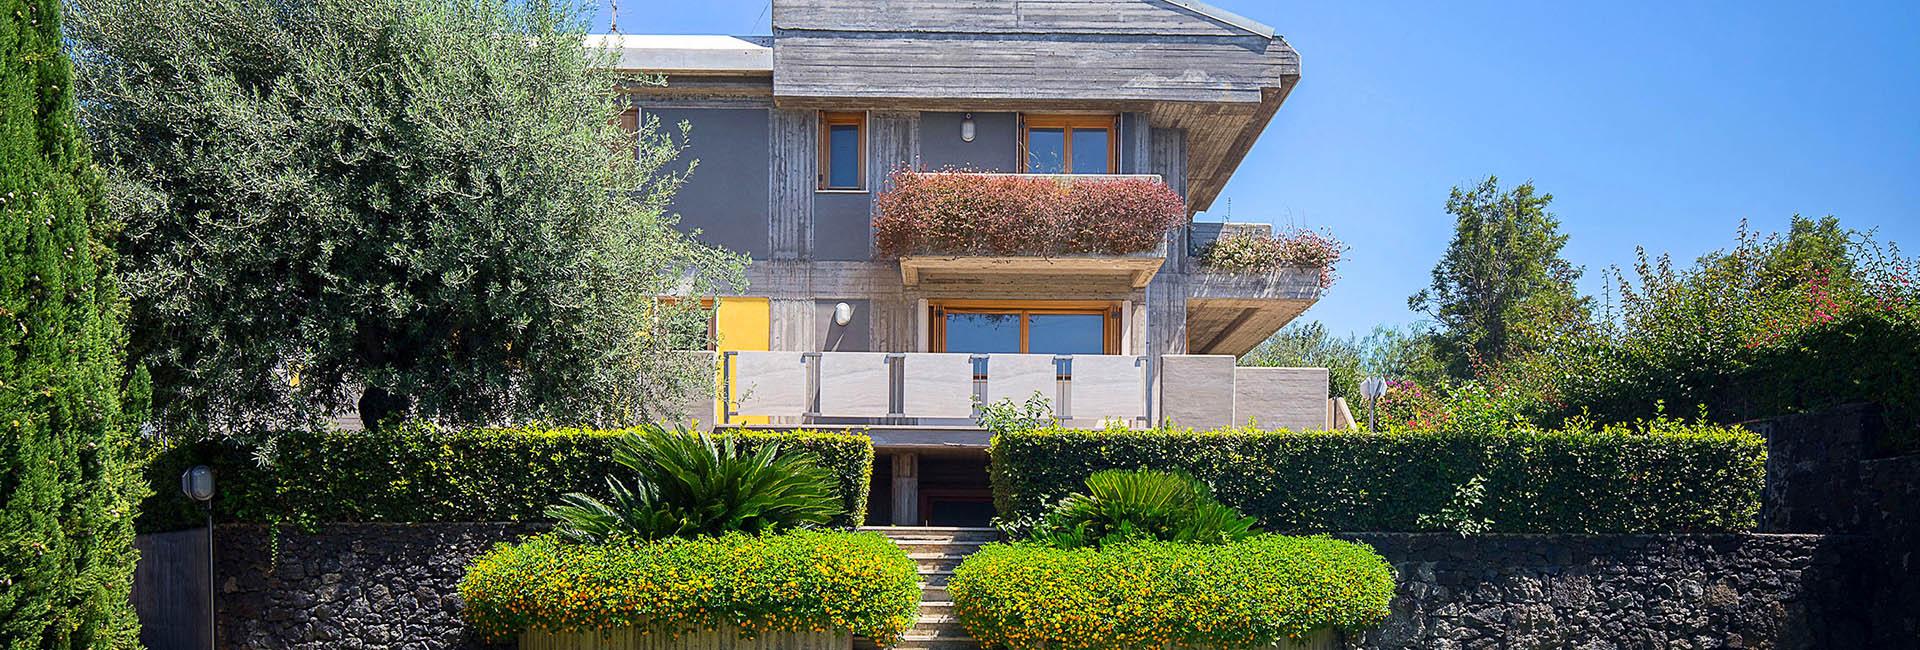 Villa 4 piani con piscina 1 le ville di cerza for Piani di ville mediterranee